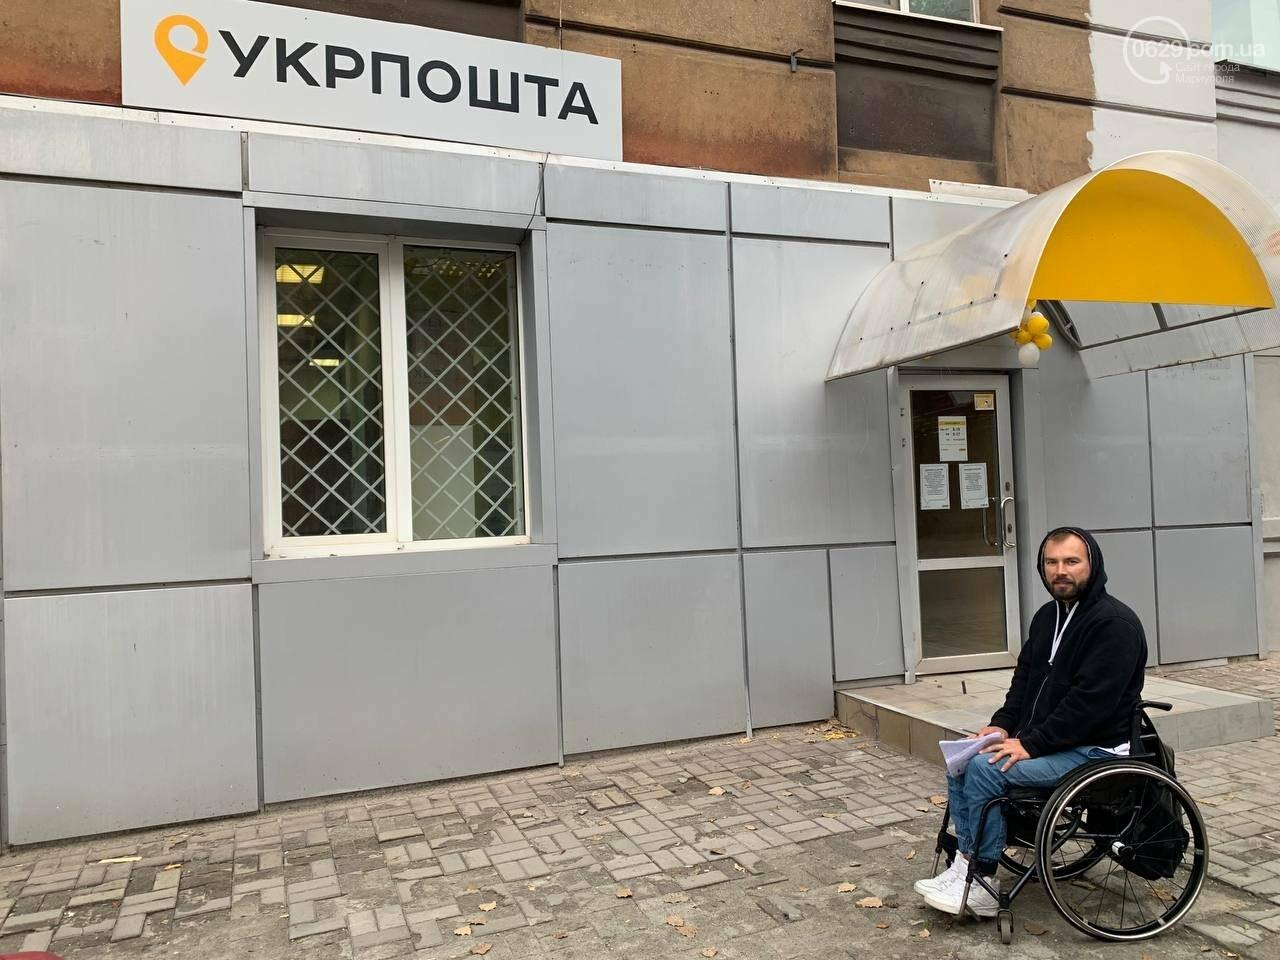 Маріуполь (не) доступний: інтерв'ю з Дмитром Щебетюком, одним з сотні найвпливовіших людей України, - ФОТО, фото-6